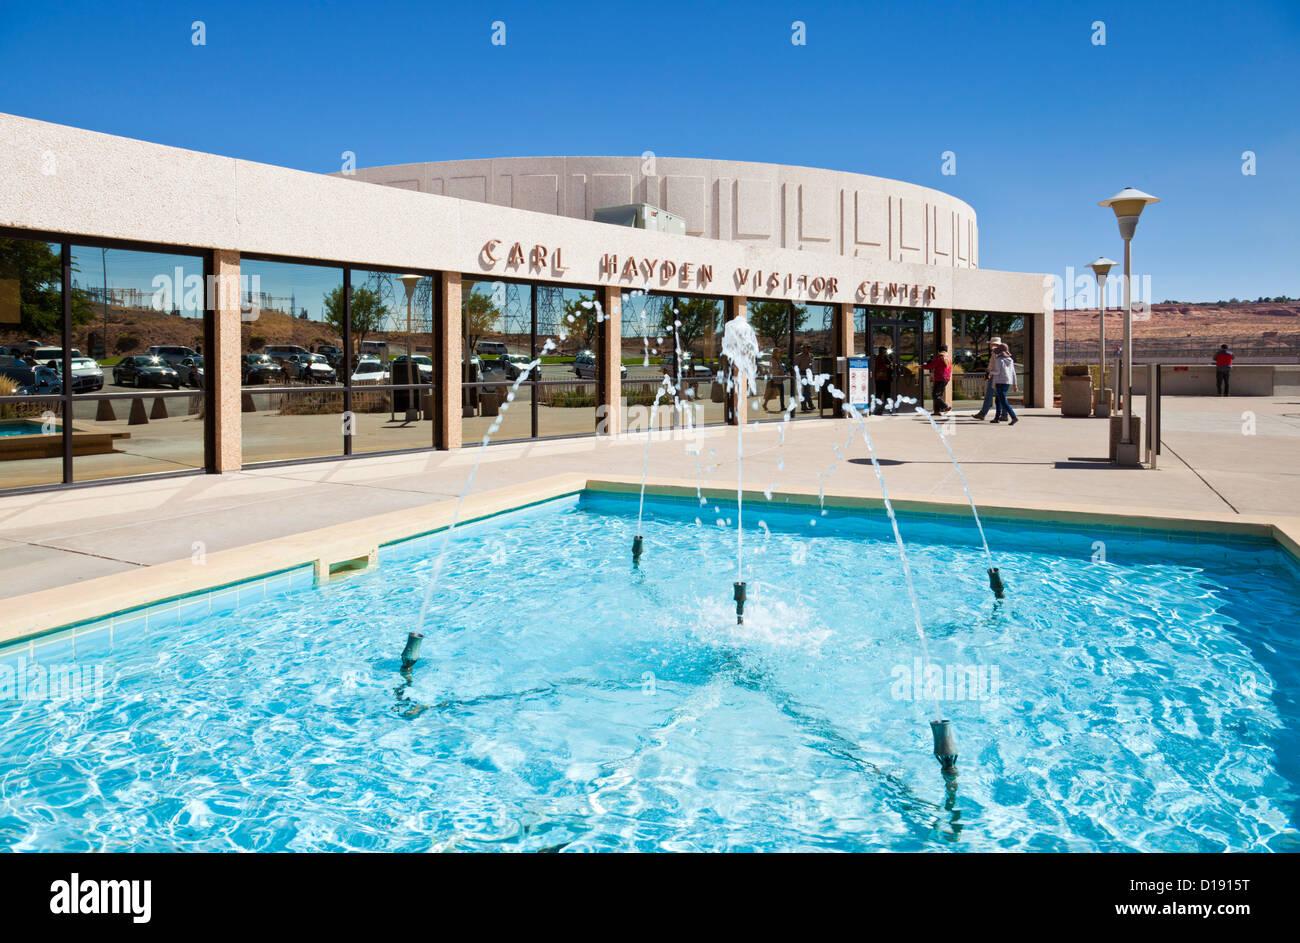 Carl Hayden Visitor Center à Glen Canyon Dam, près de Page, Arizona, États-Unis d'Amérique, Photo Stock